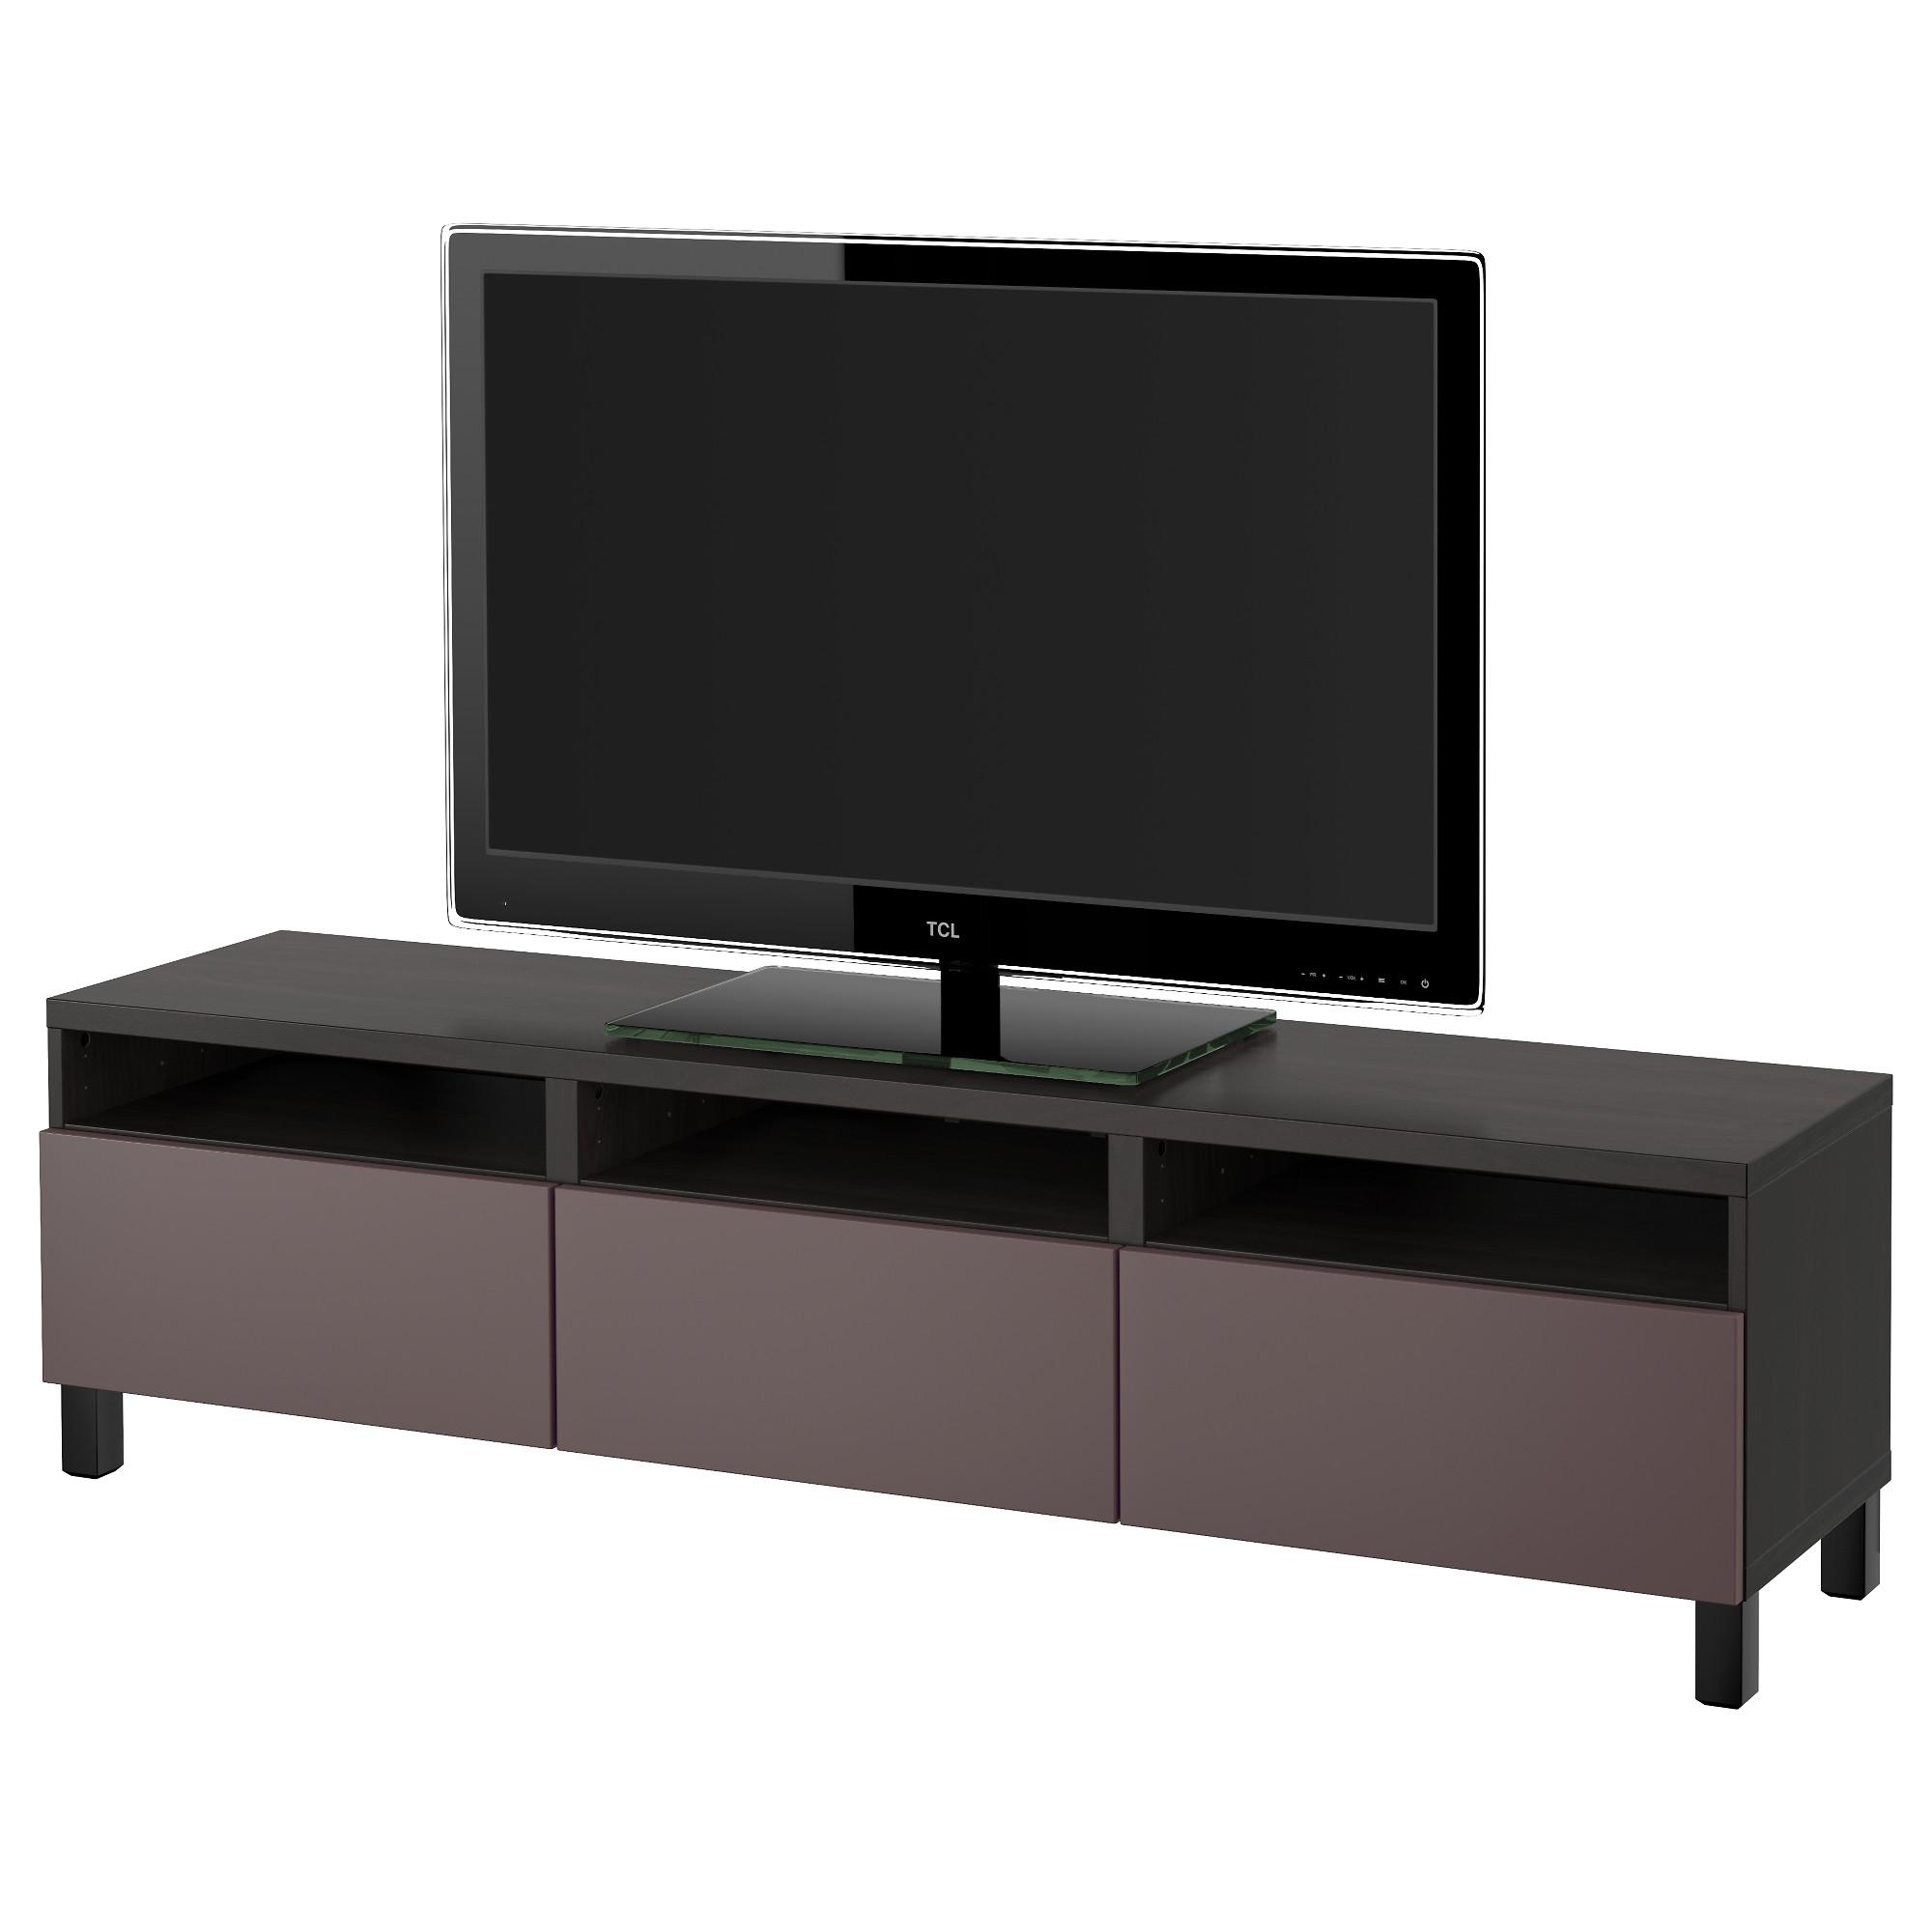 Тумба для ТВ с ящиками БЕСТО, черно-коричневый, Вальвикен темно-коричневый (180x40x48 см)